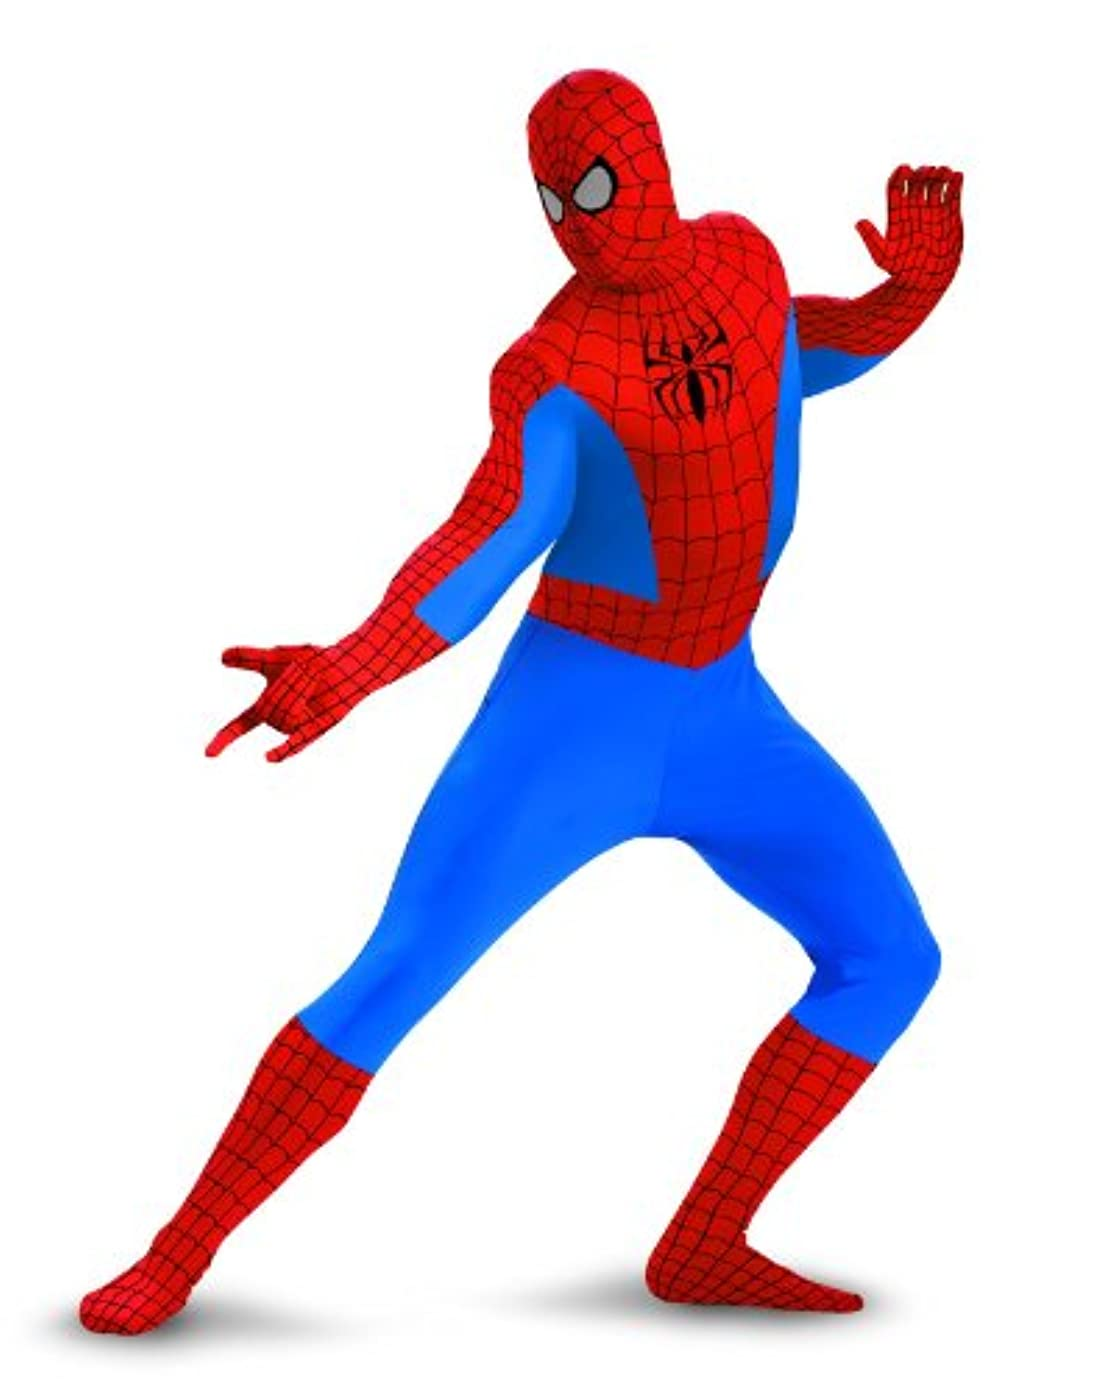 明確なひどい抹消Spider-man Bodysuit Adult Costume スパイダーマンボディスーツ大人用コスチューム?ハロウィン?サイズ:X-Large